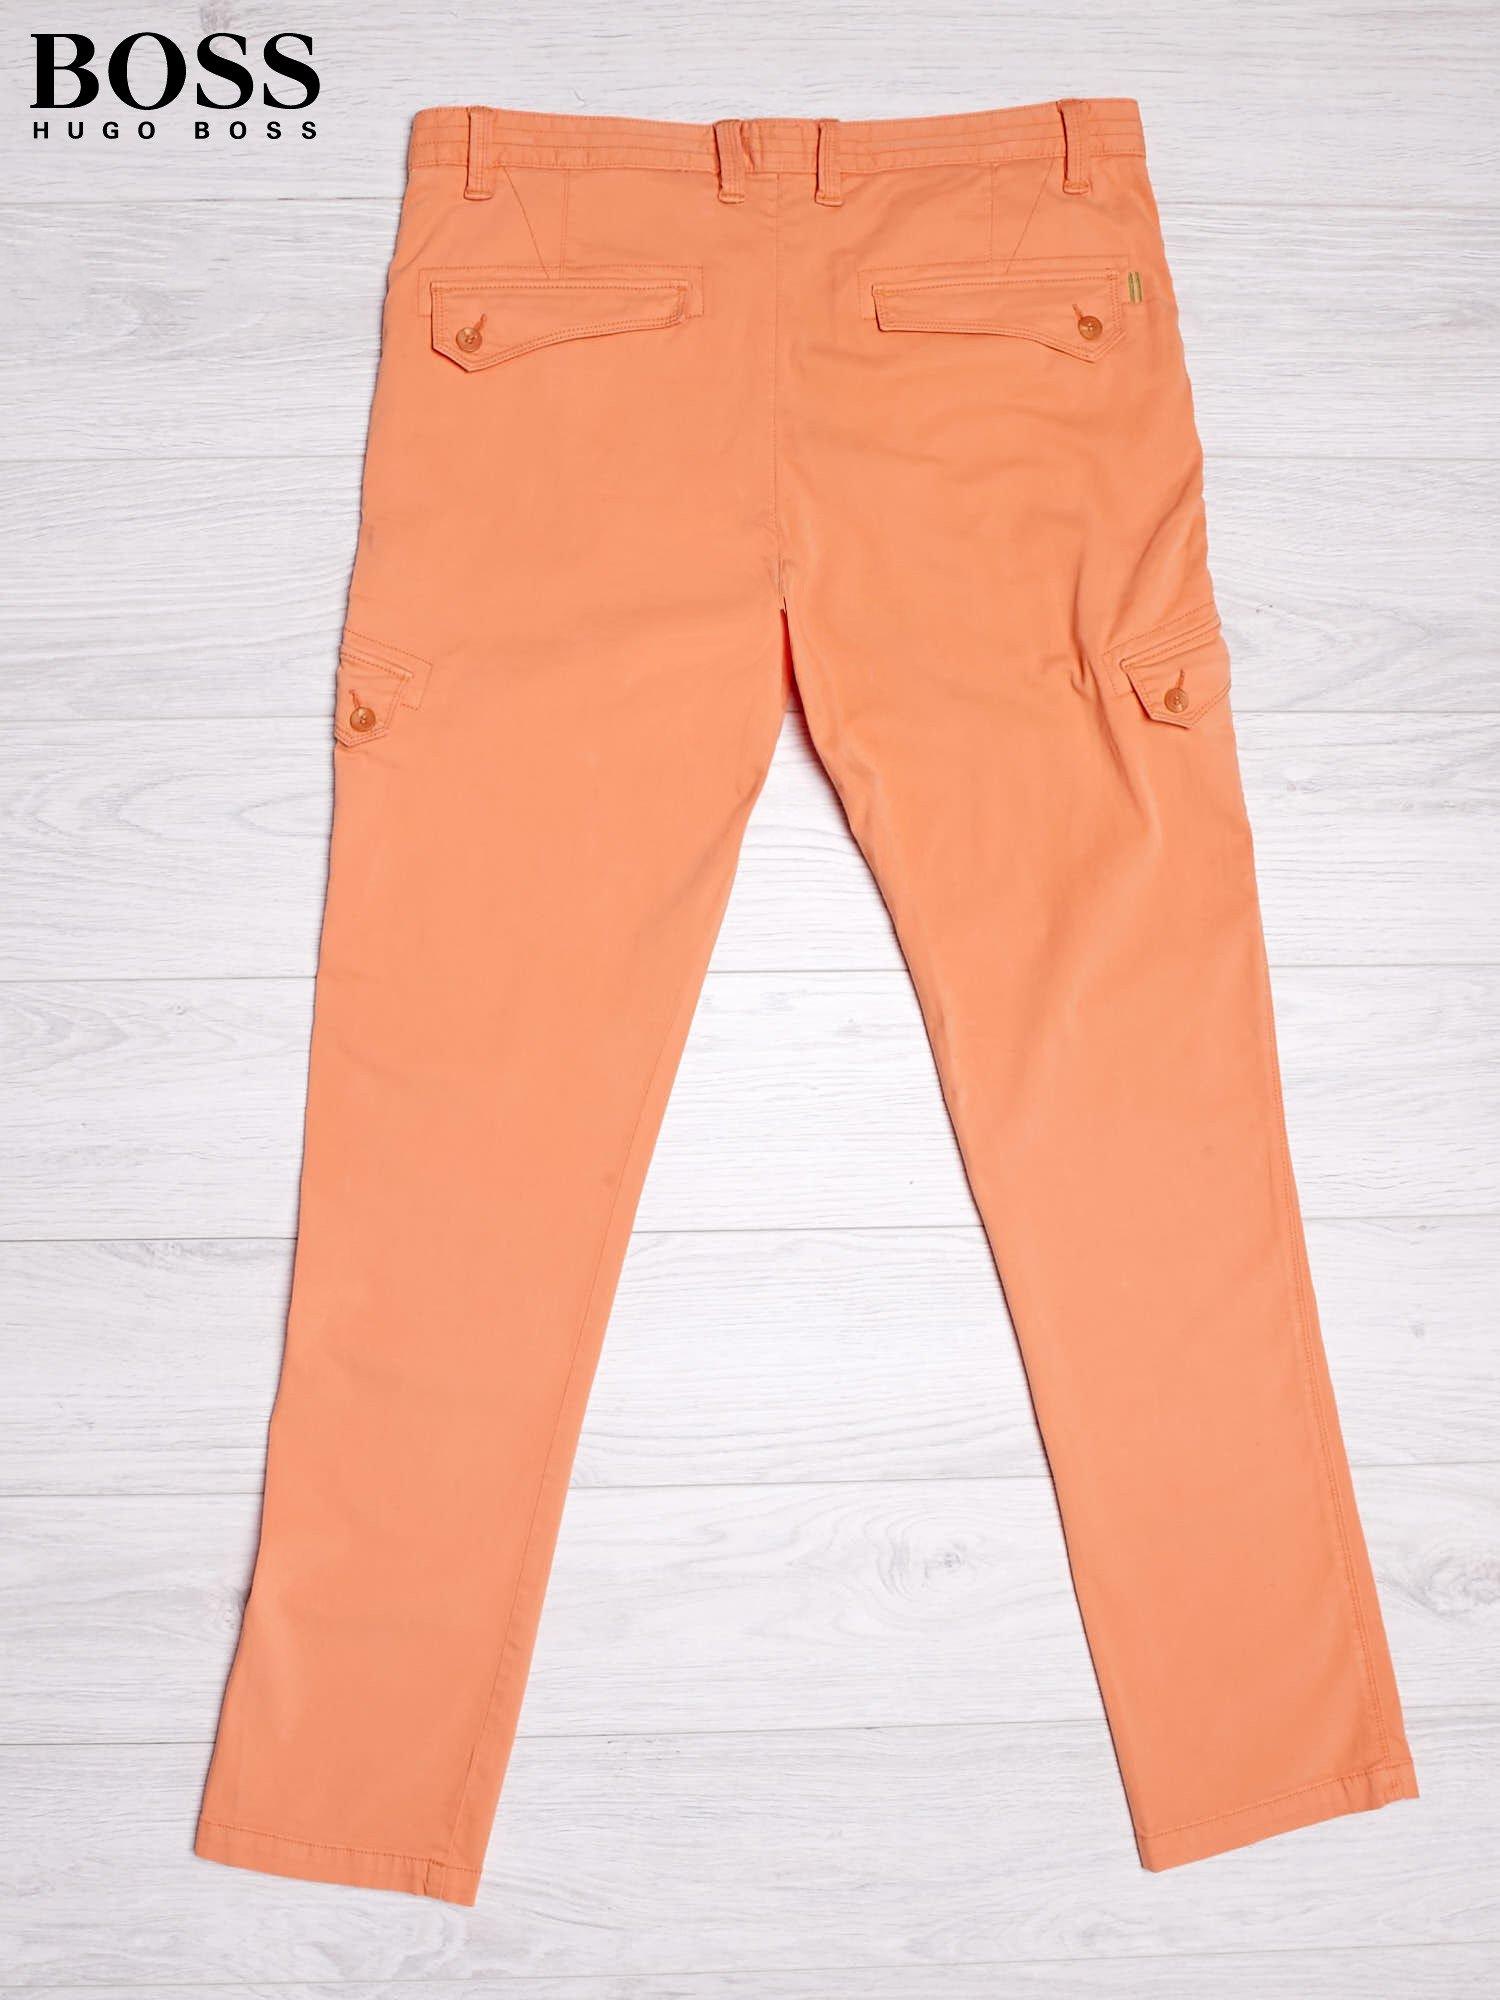 HUGO BOSS Pomarańczowe spodnie męskie z kieszeniami